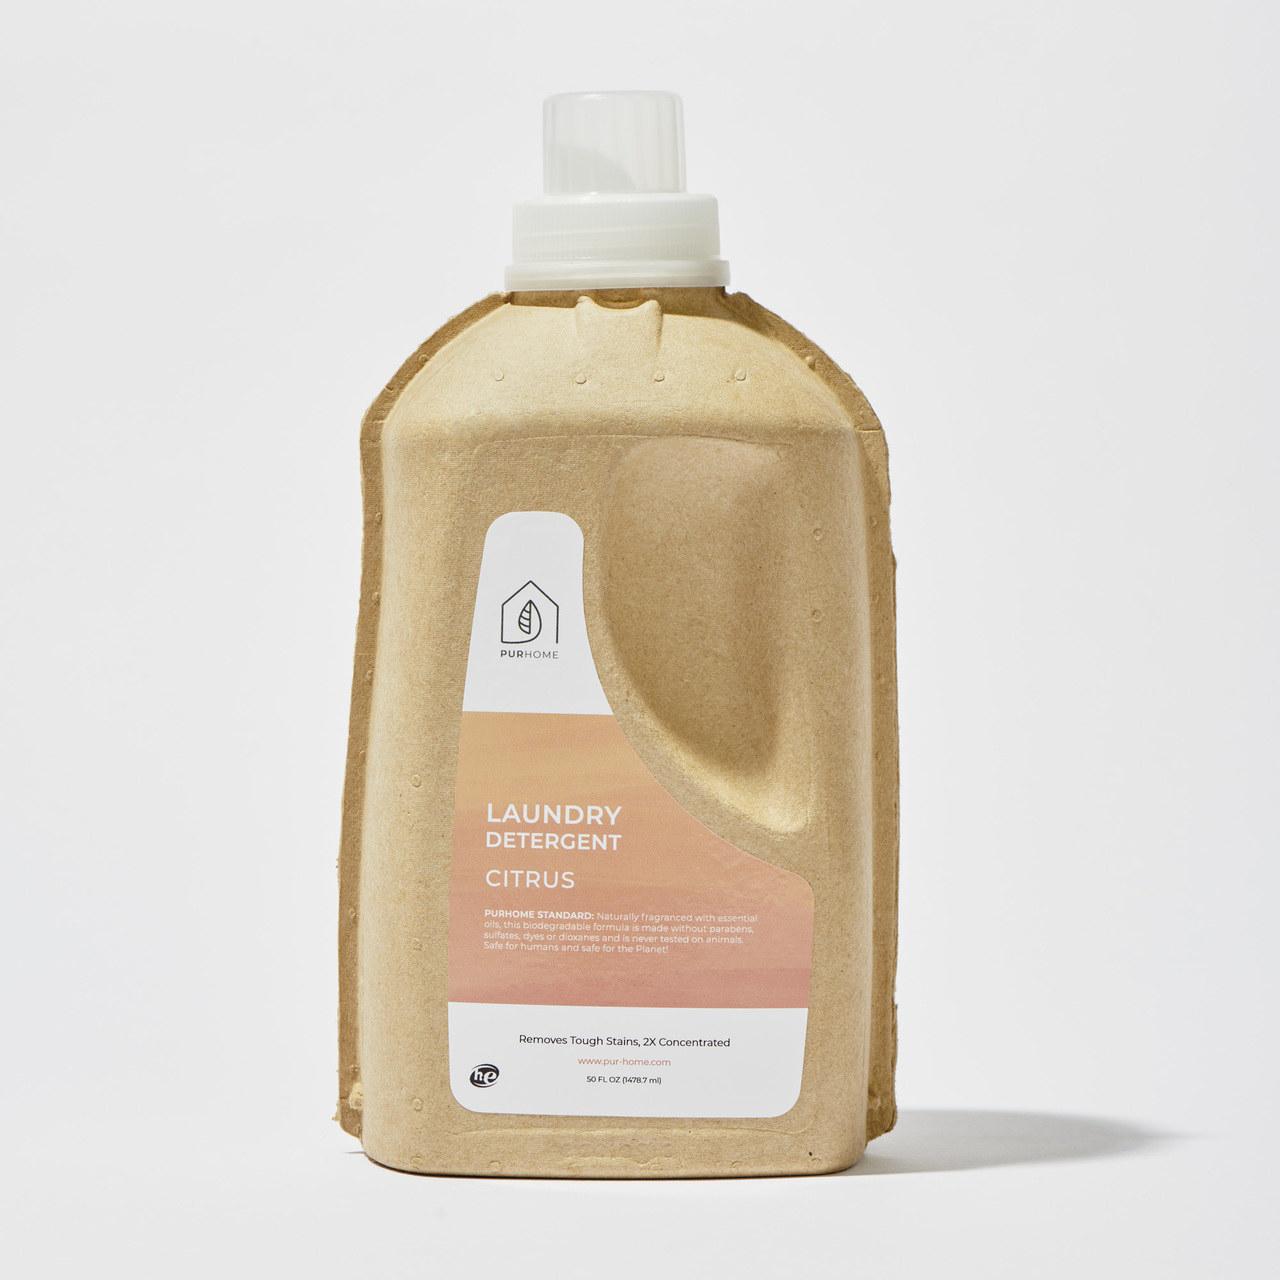 A paper bottle with citrus laundry detergent